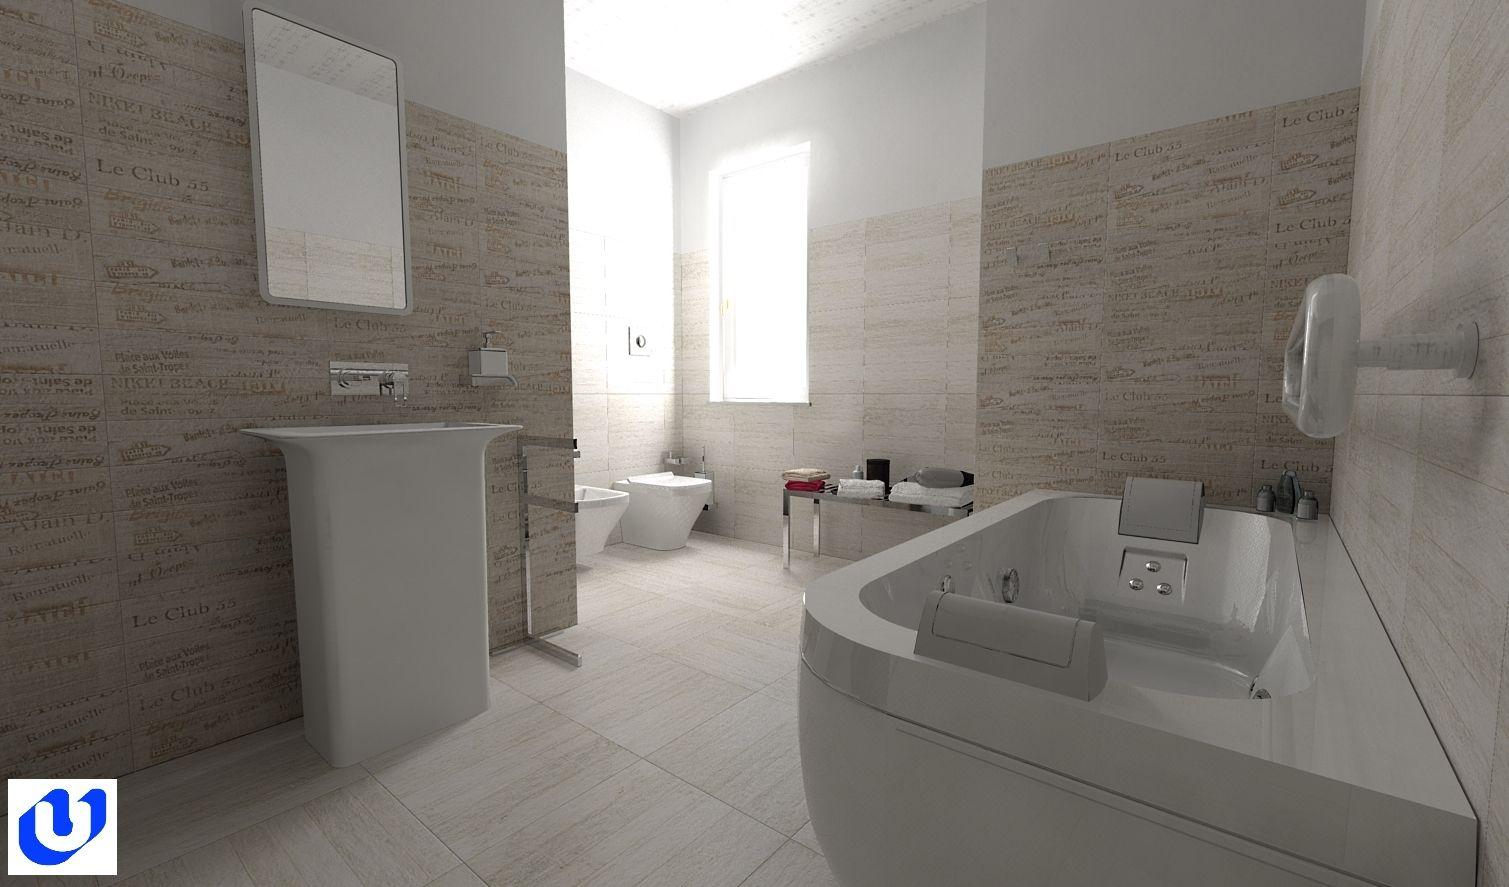 Luci Bagno ~ Bagno abitazione privata bagno con effetto wallpaper in cui i